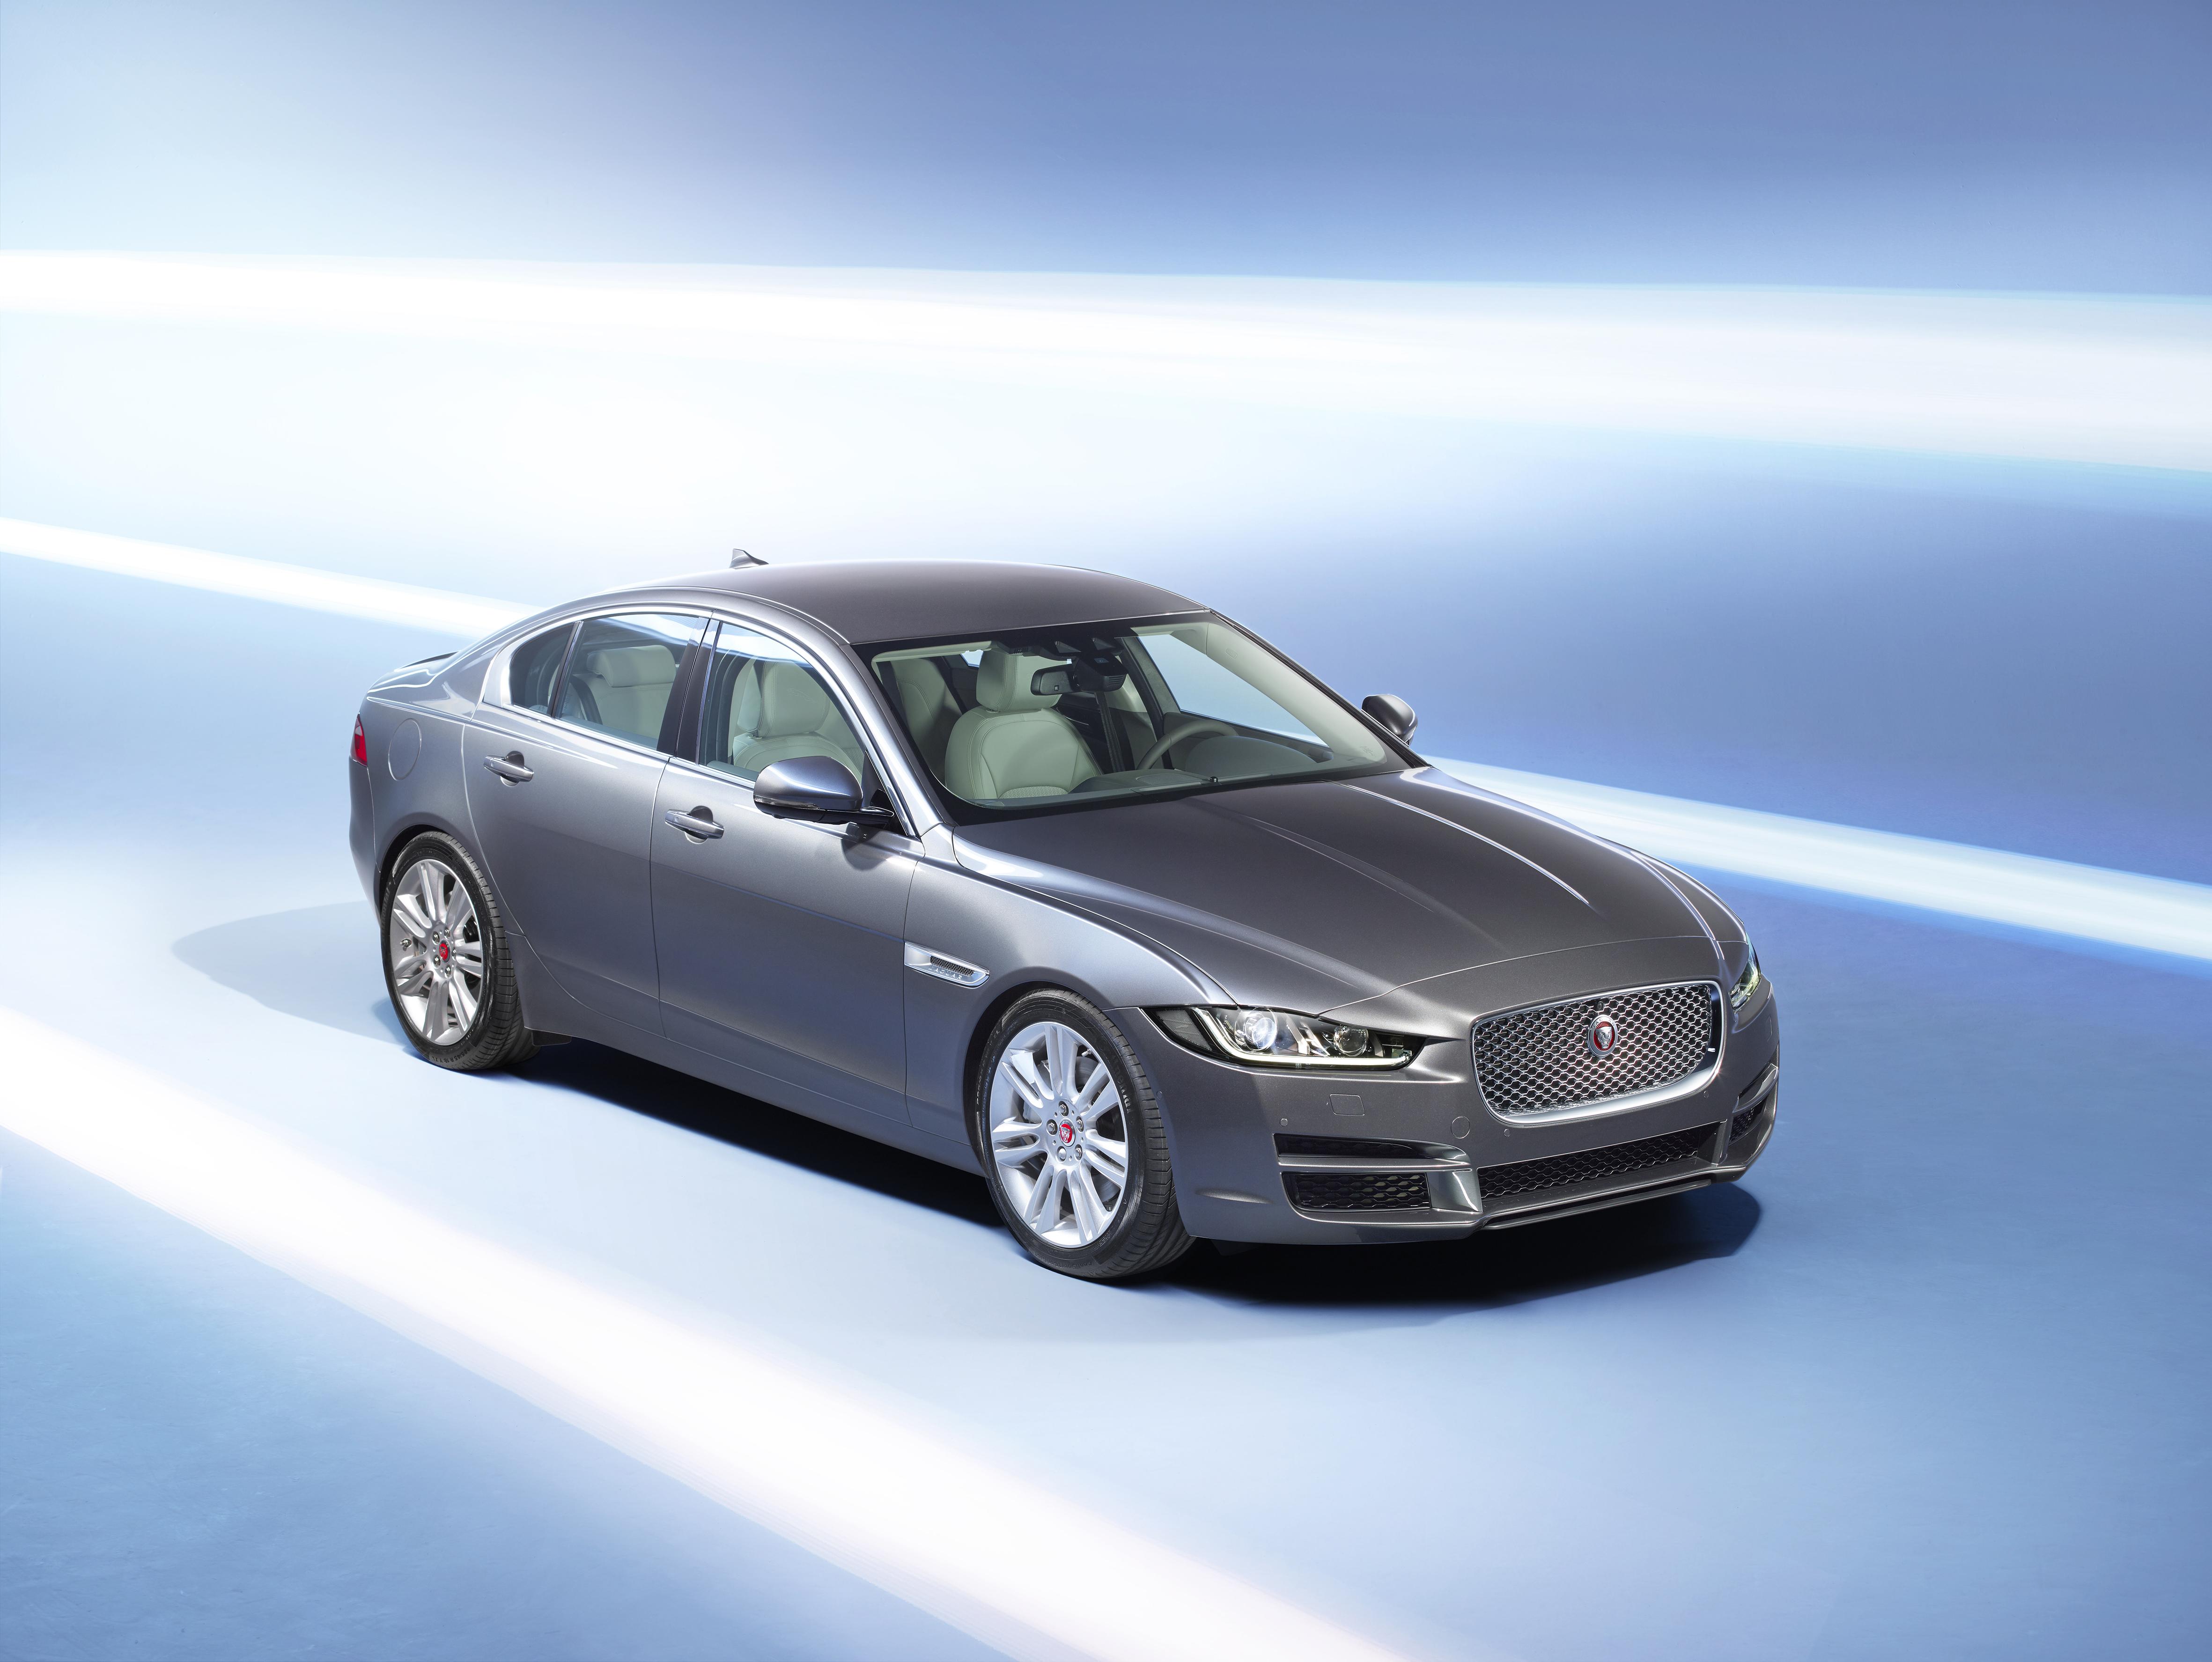 jaguar ca view rear car wheels review xjl exterior reviews